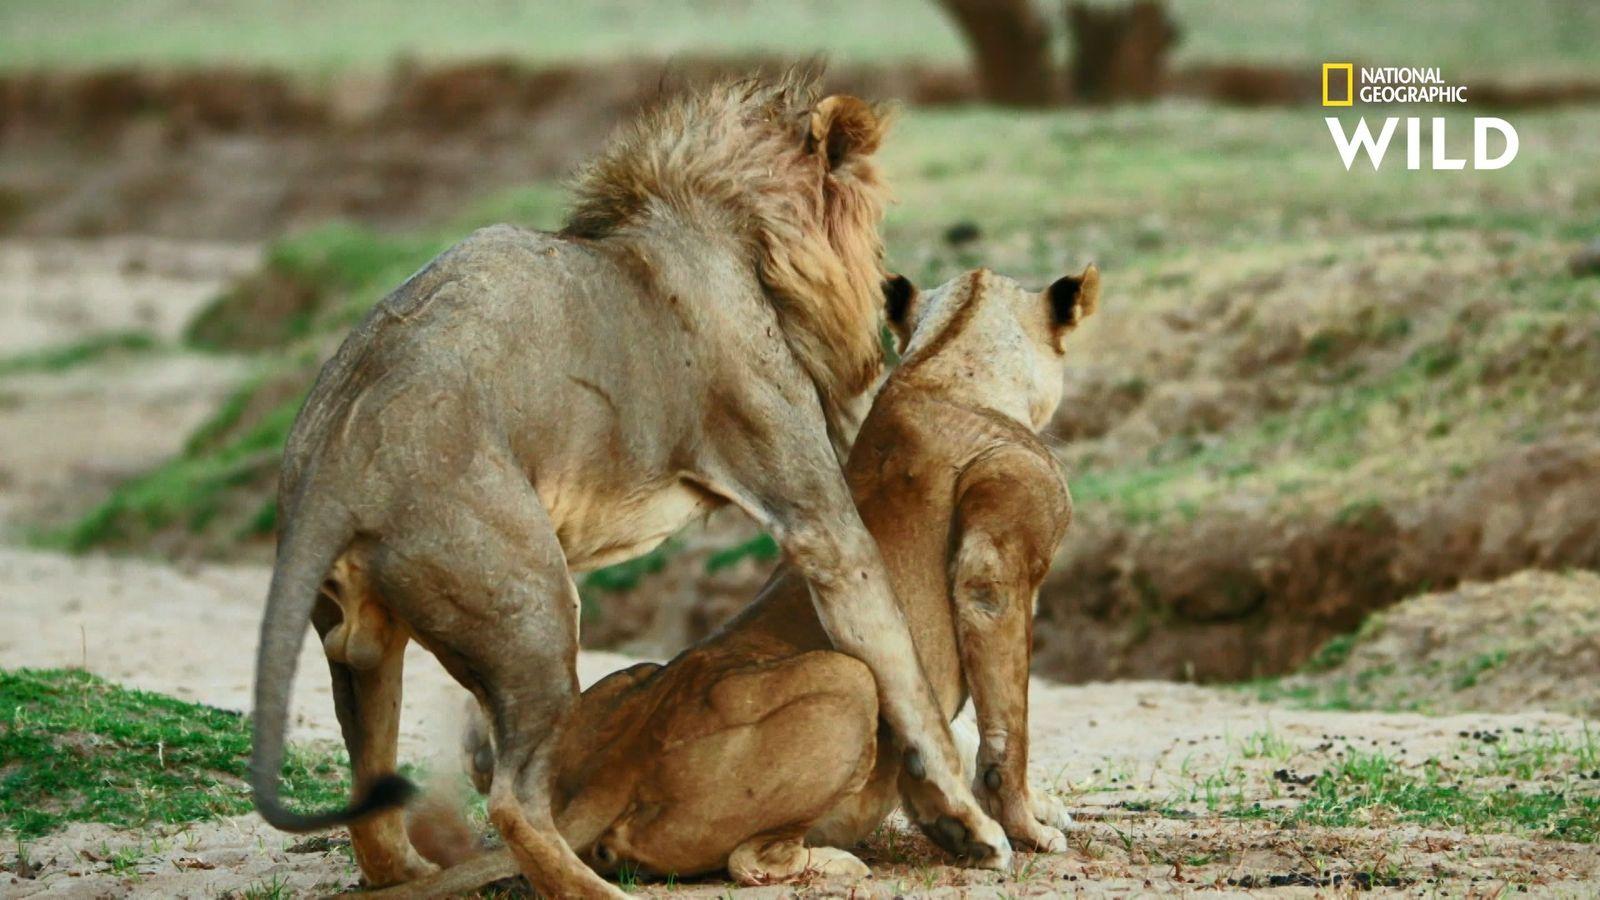 Ces lionnes ne pourront pas tomber enceintes malgré leurs tentatives d'accouplement